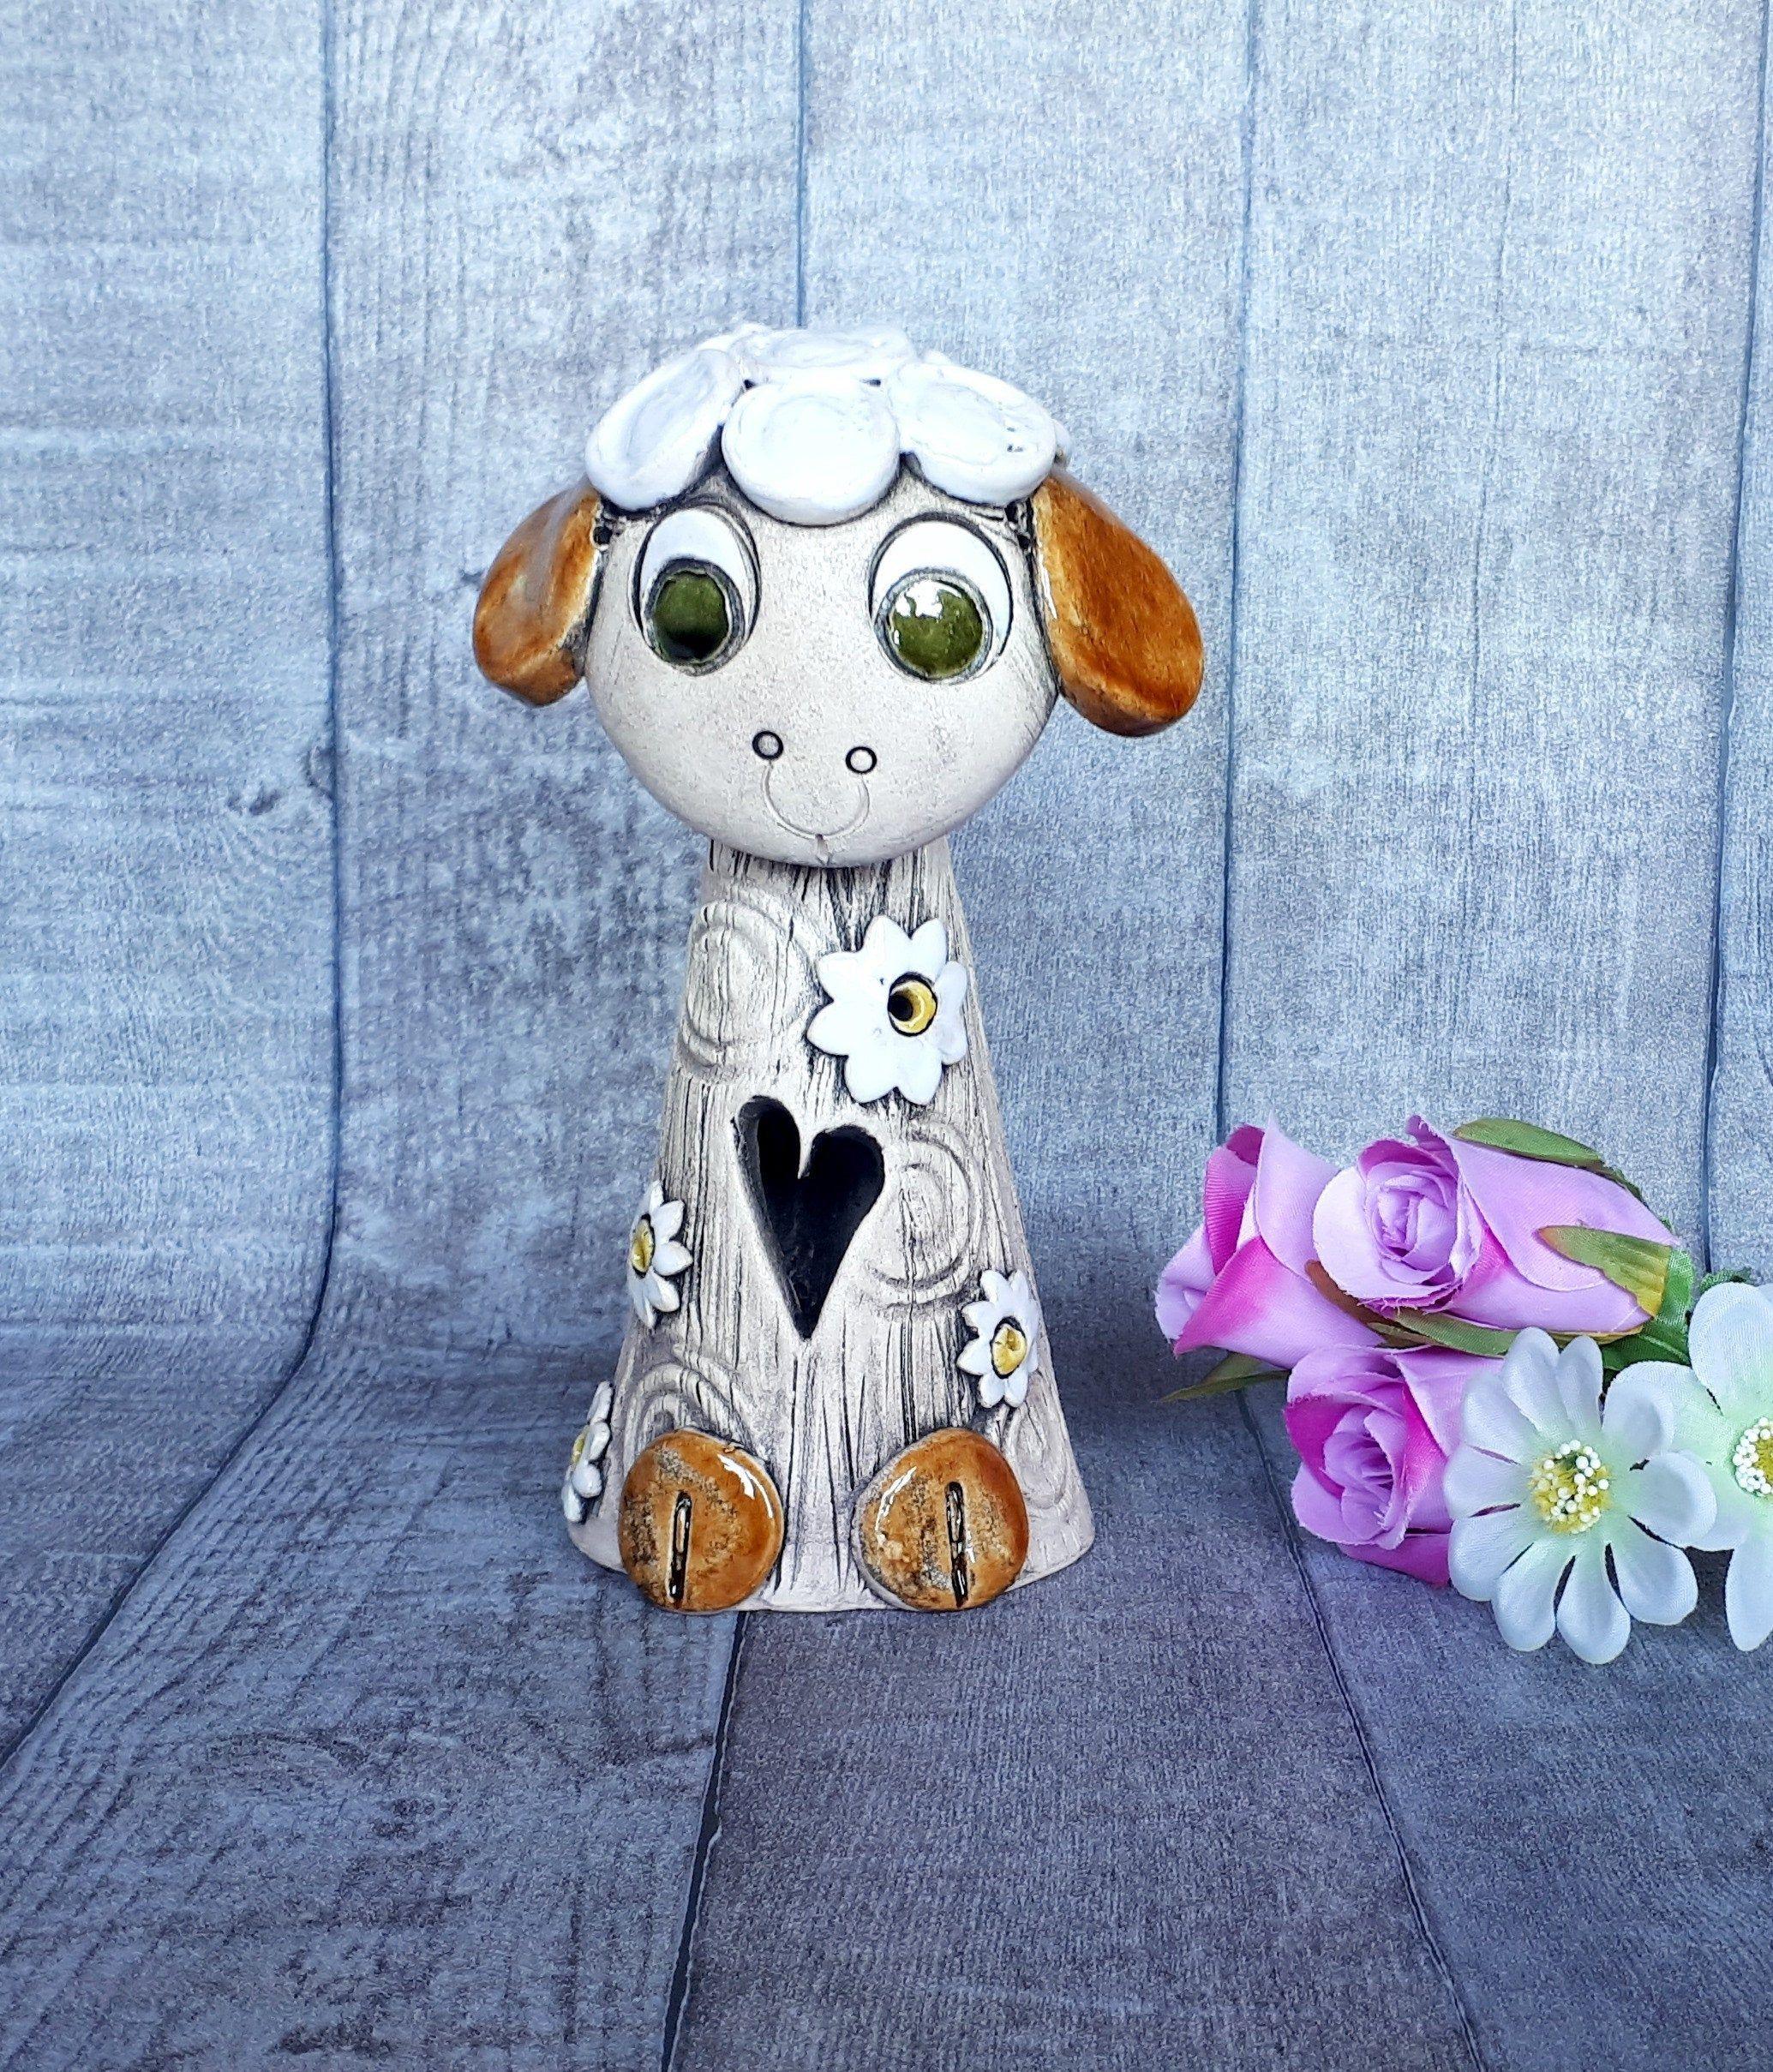 Schaf Baby Gartendeko Keramik Figur Topferarbeiten Schafe Keramik